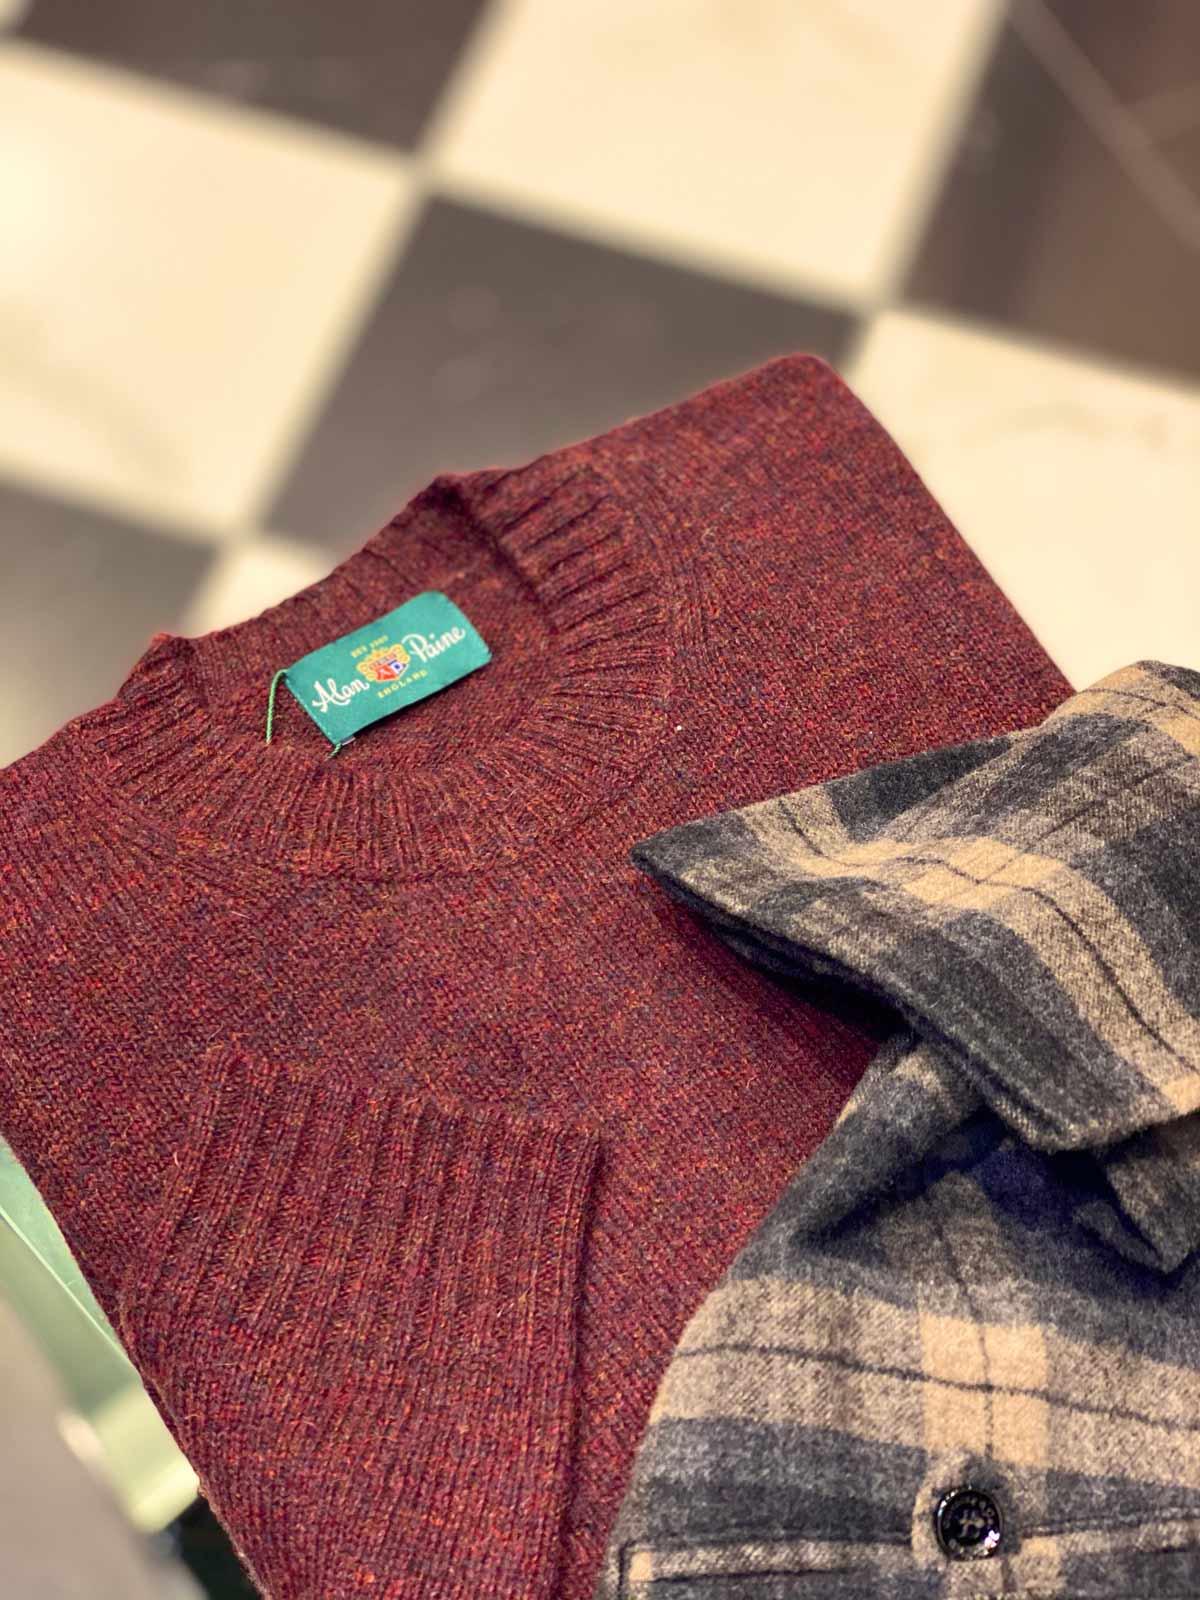 Come scegliere il maglione Alan Paine in base al proprio stile